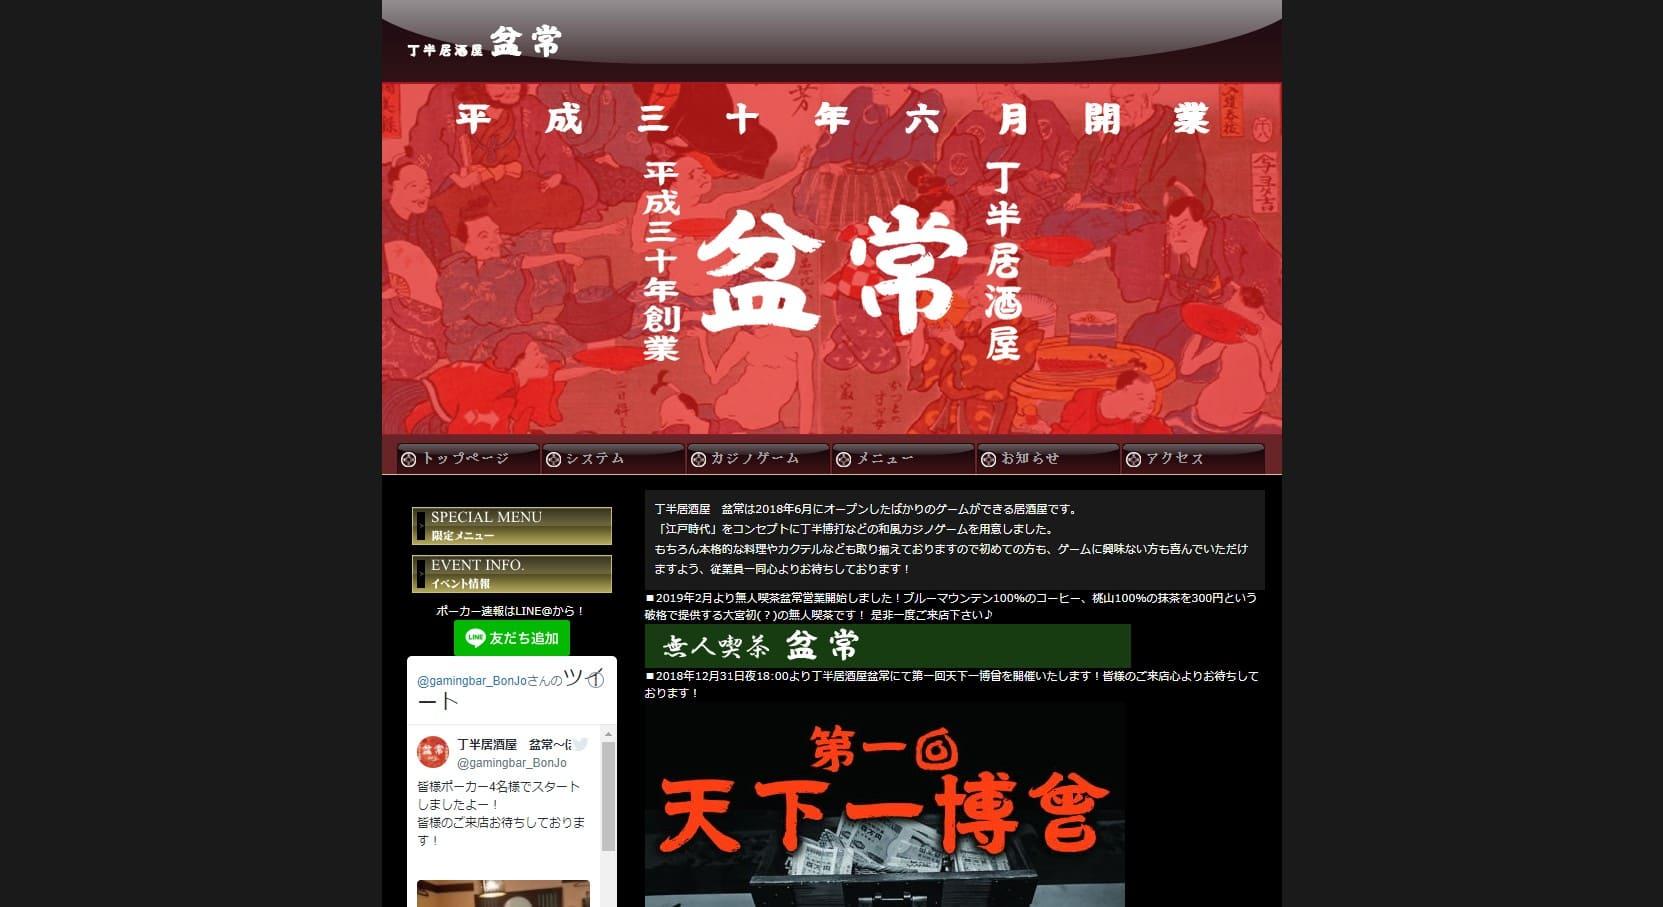 丁半居酒屋盆常のウェブサイト画像。